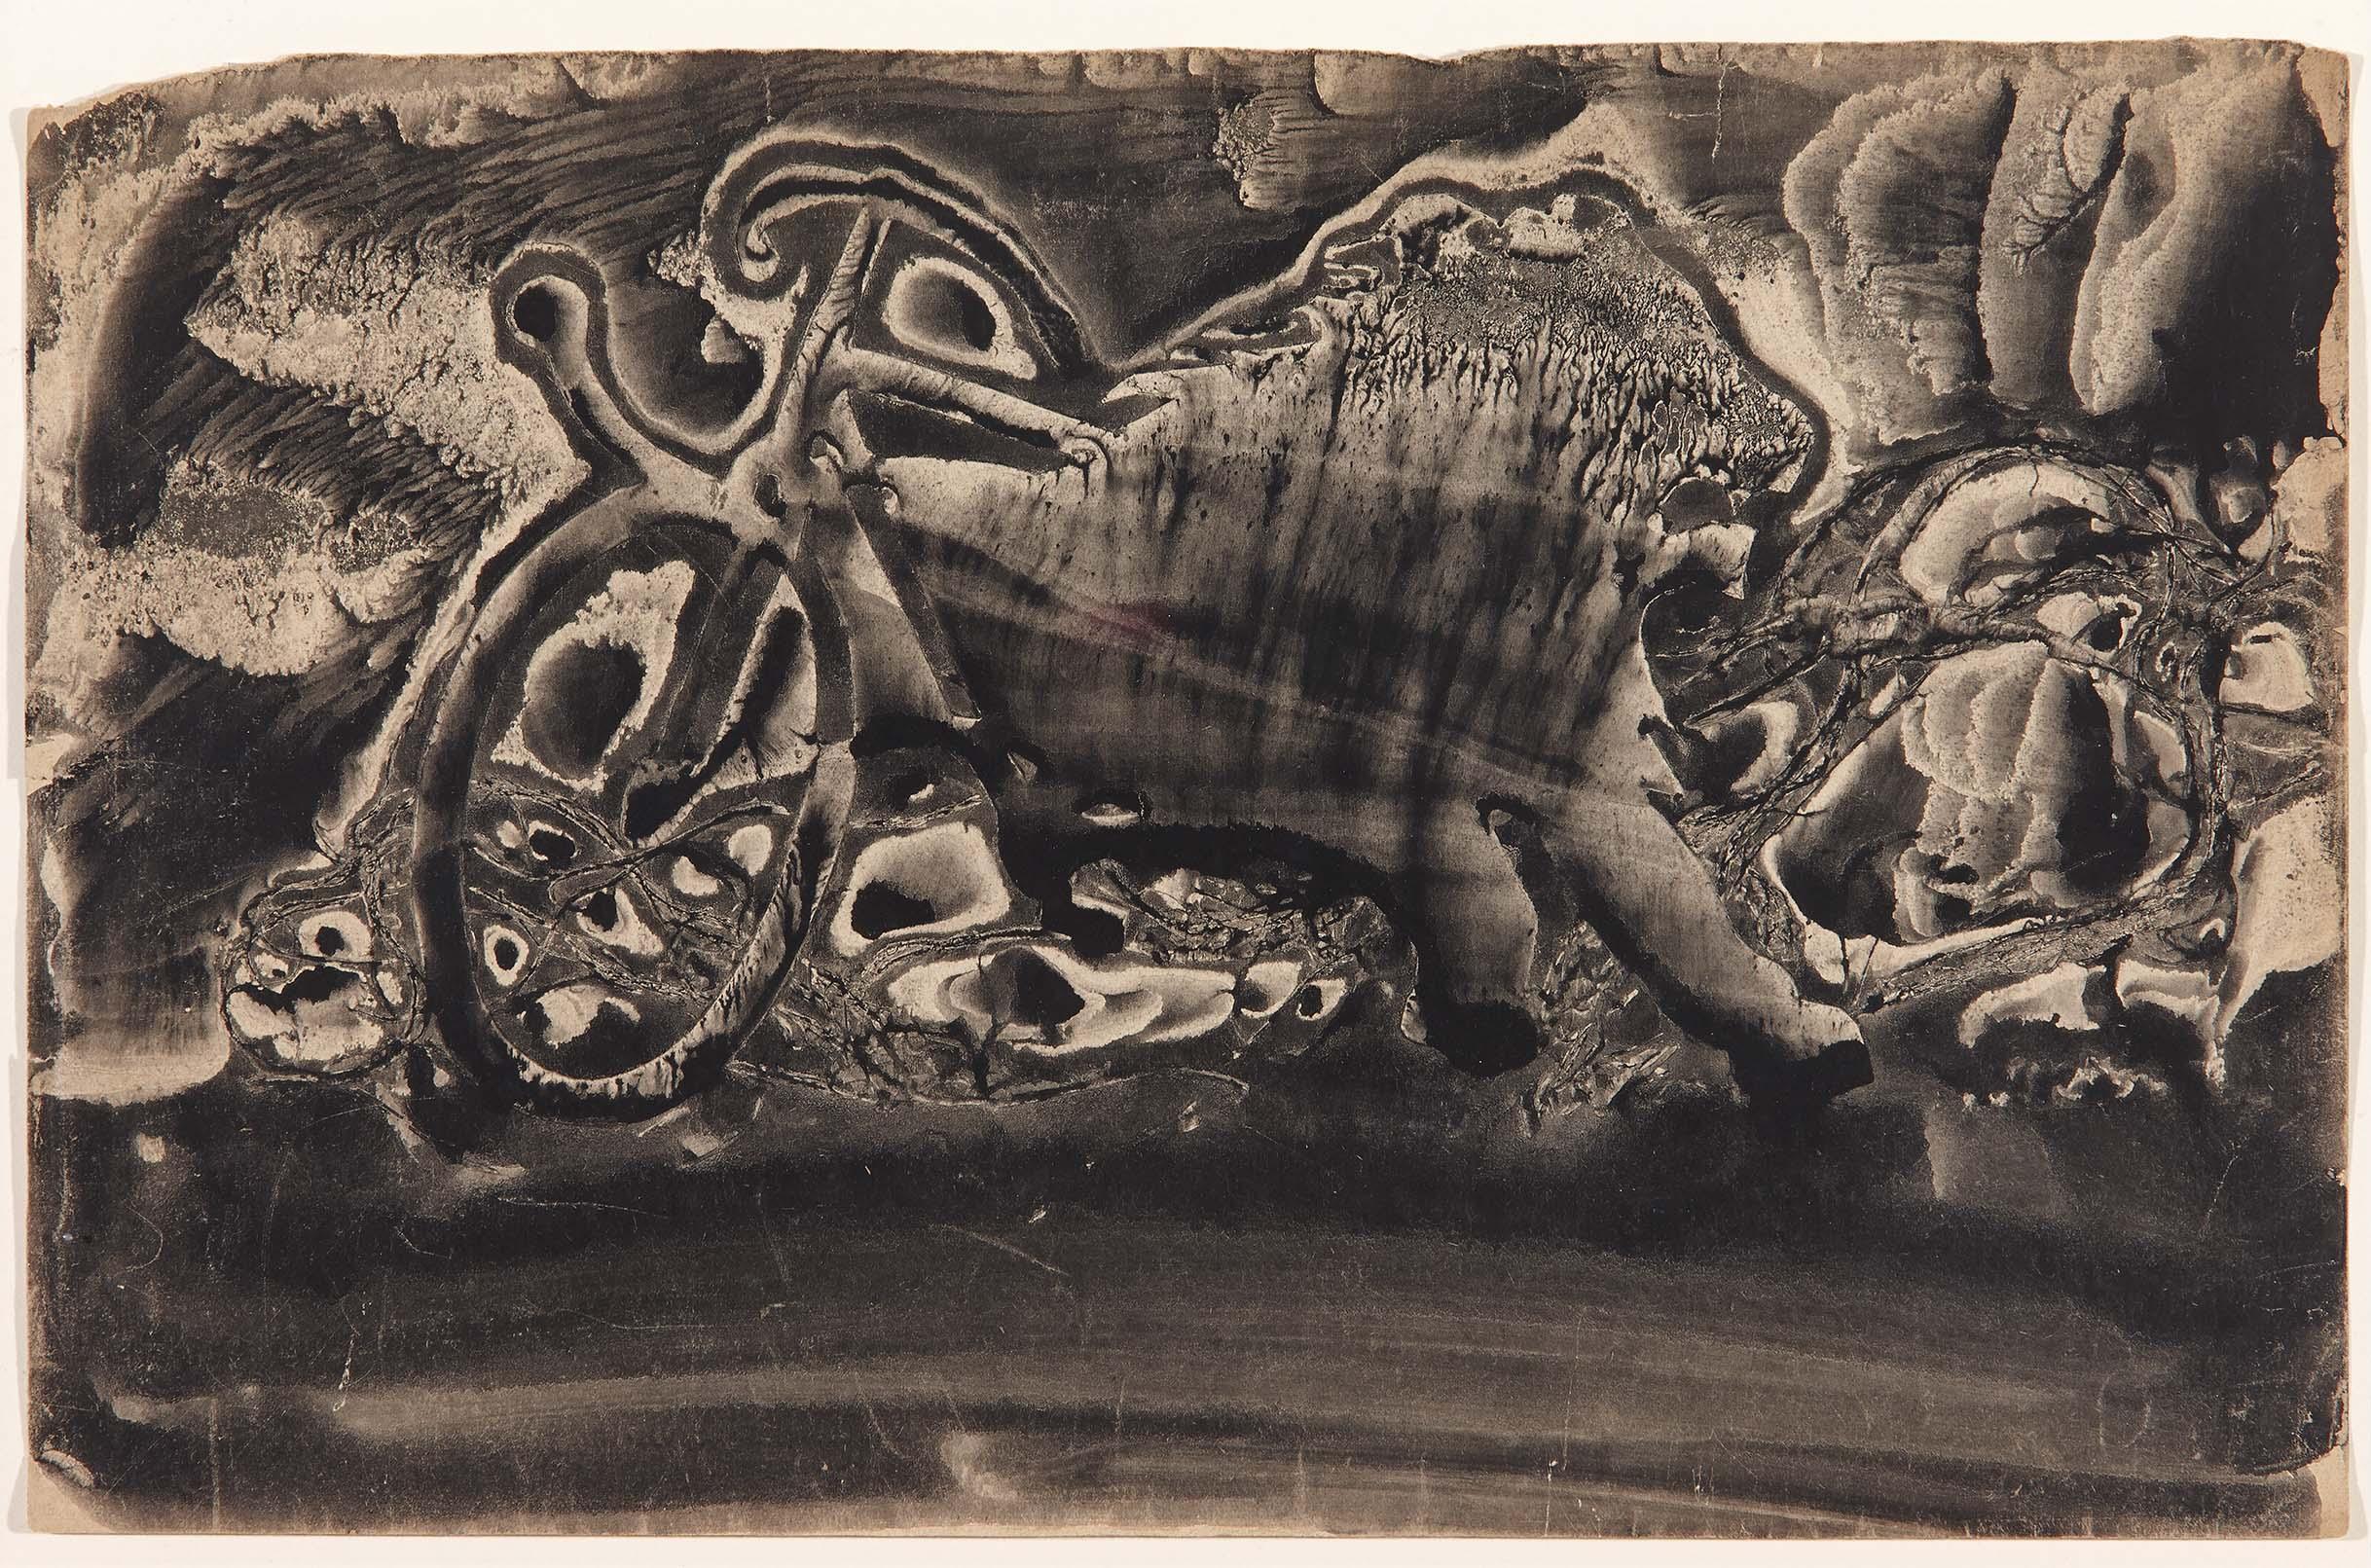 Decalcomania-Oscar Dominguez 1936